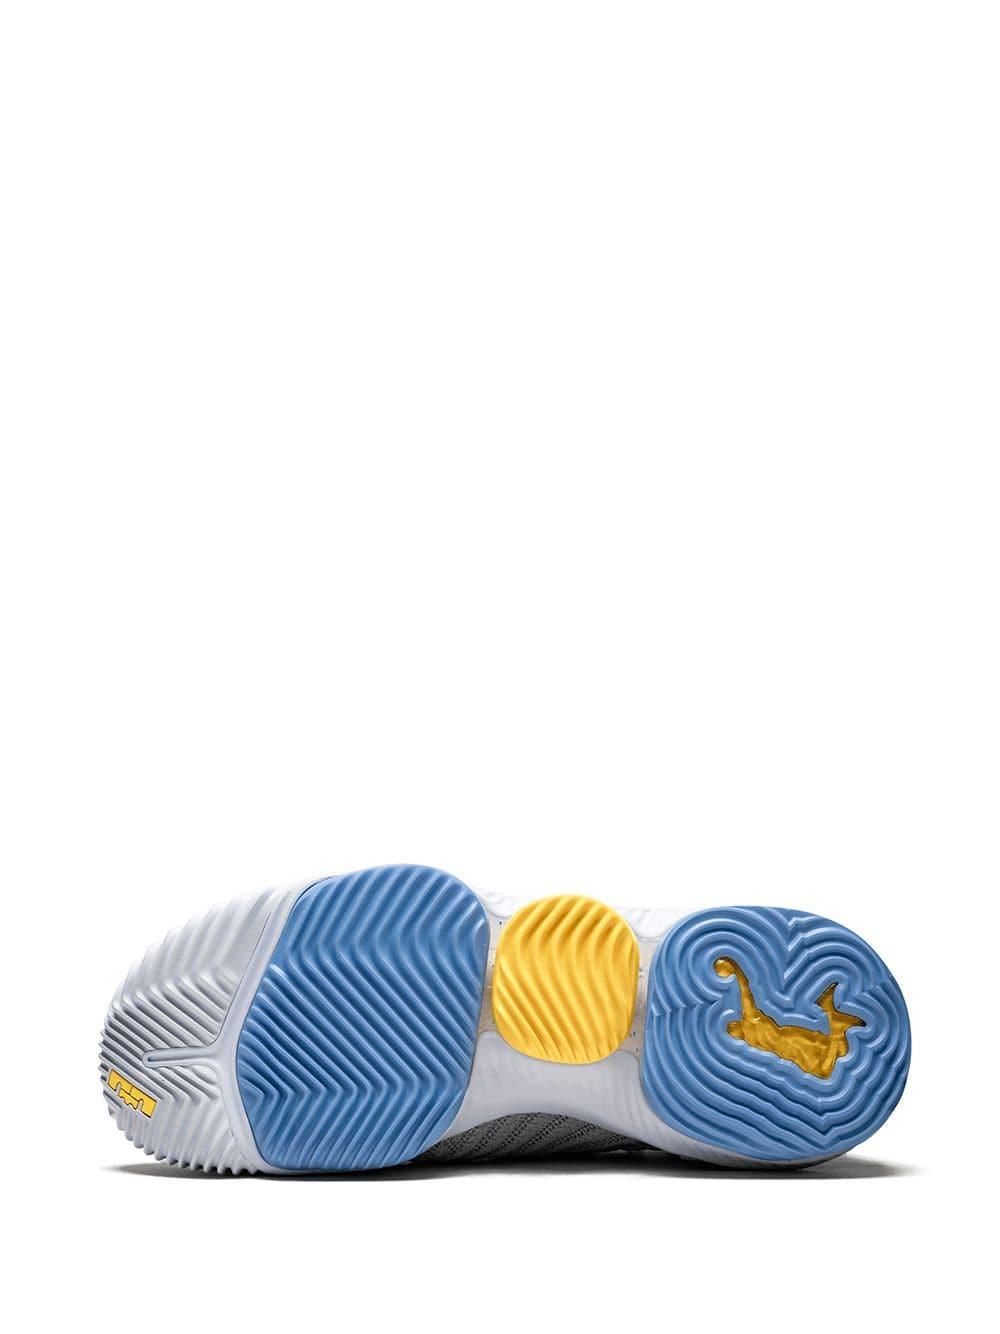 Zapatillas LeBron 16 Nike de Caucho de color Gris para hombre